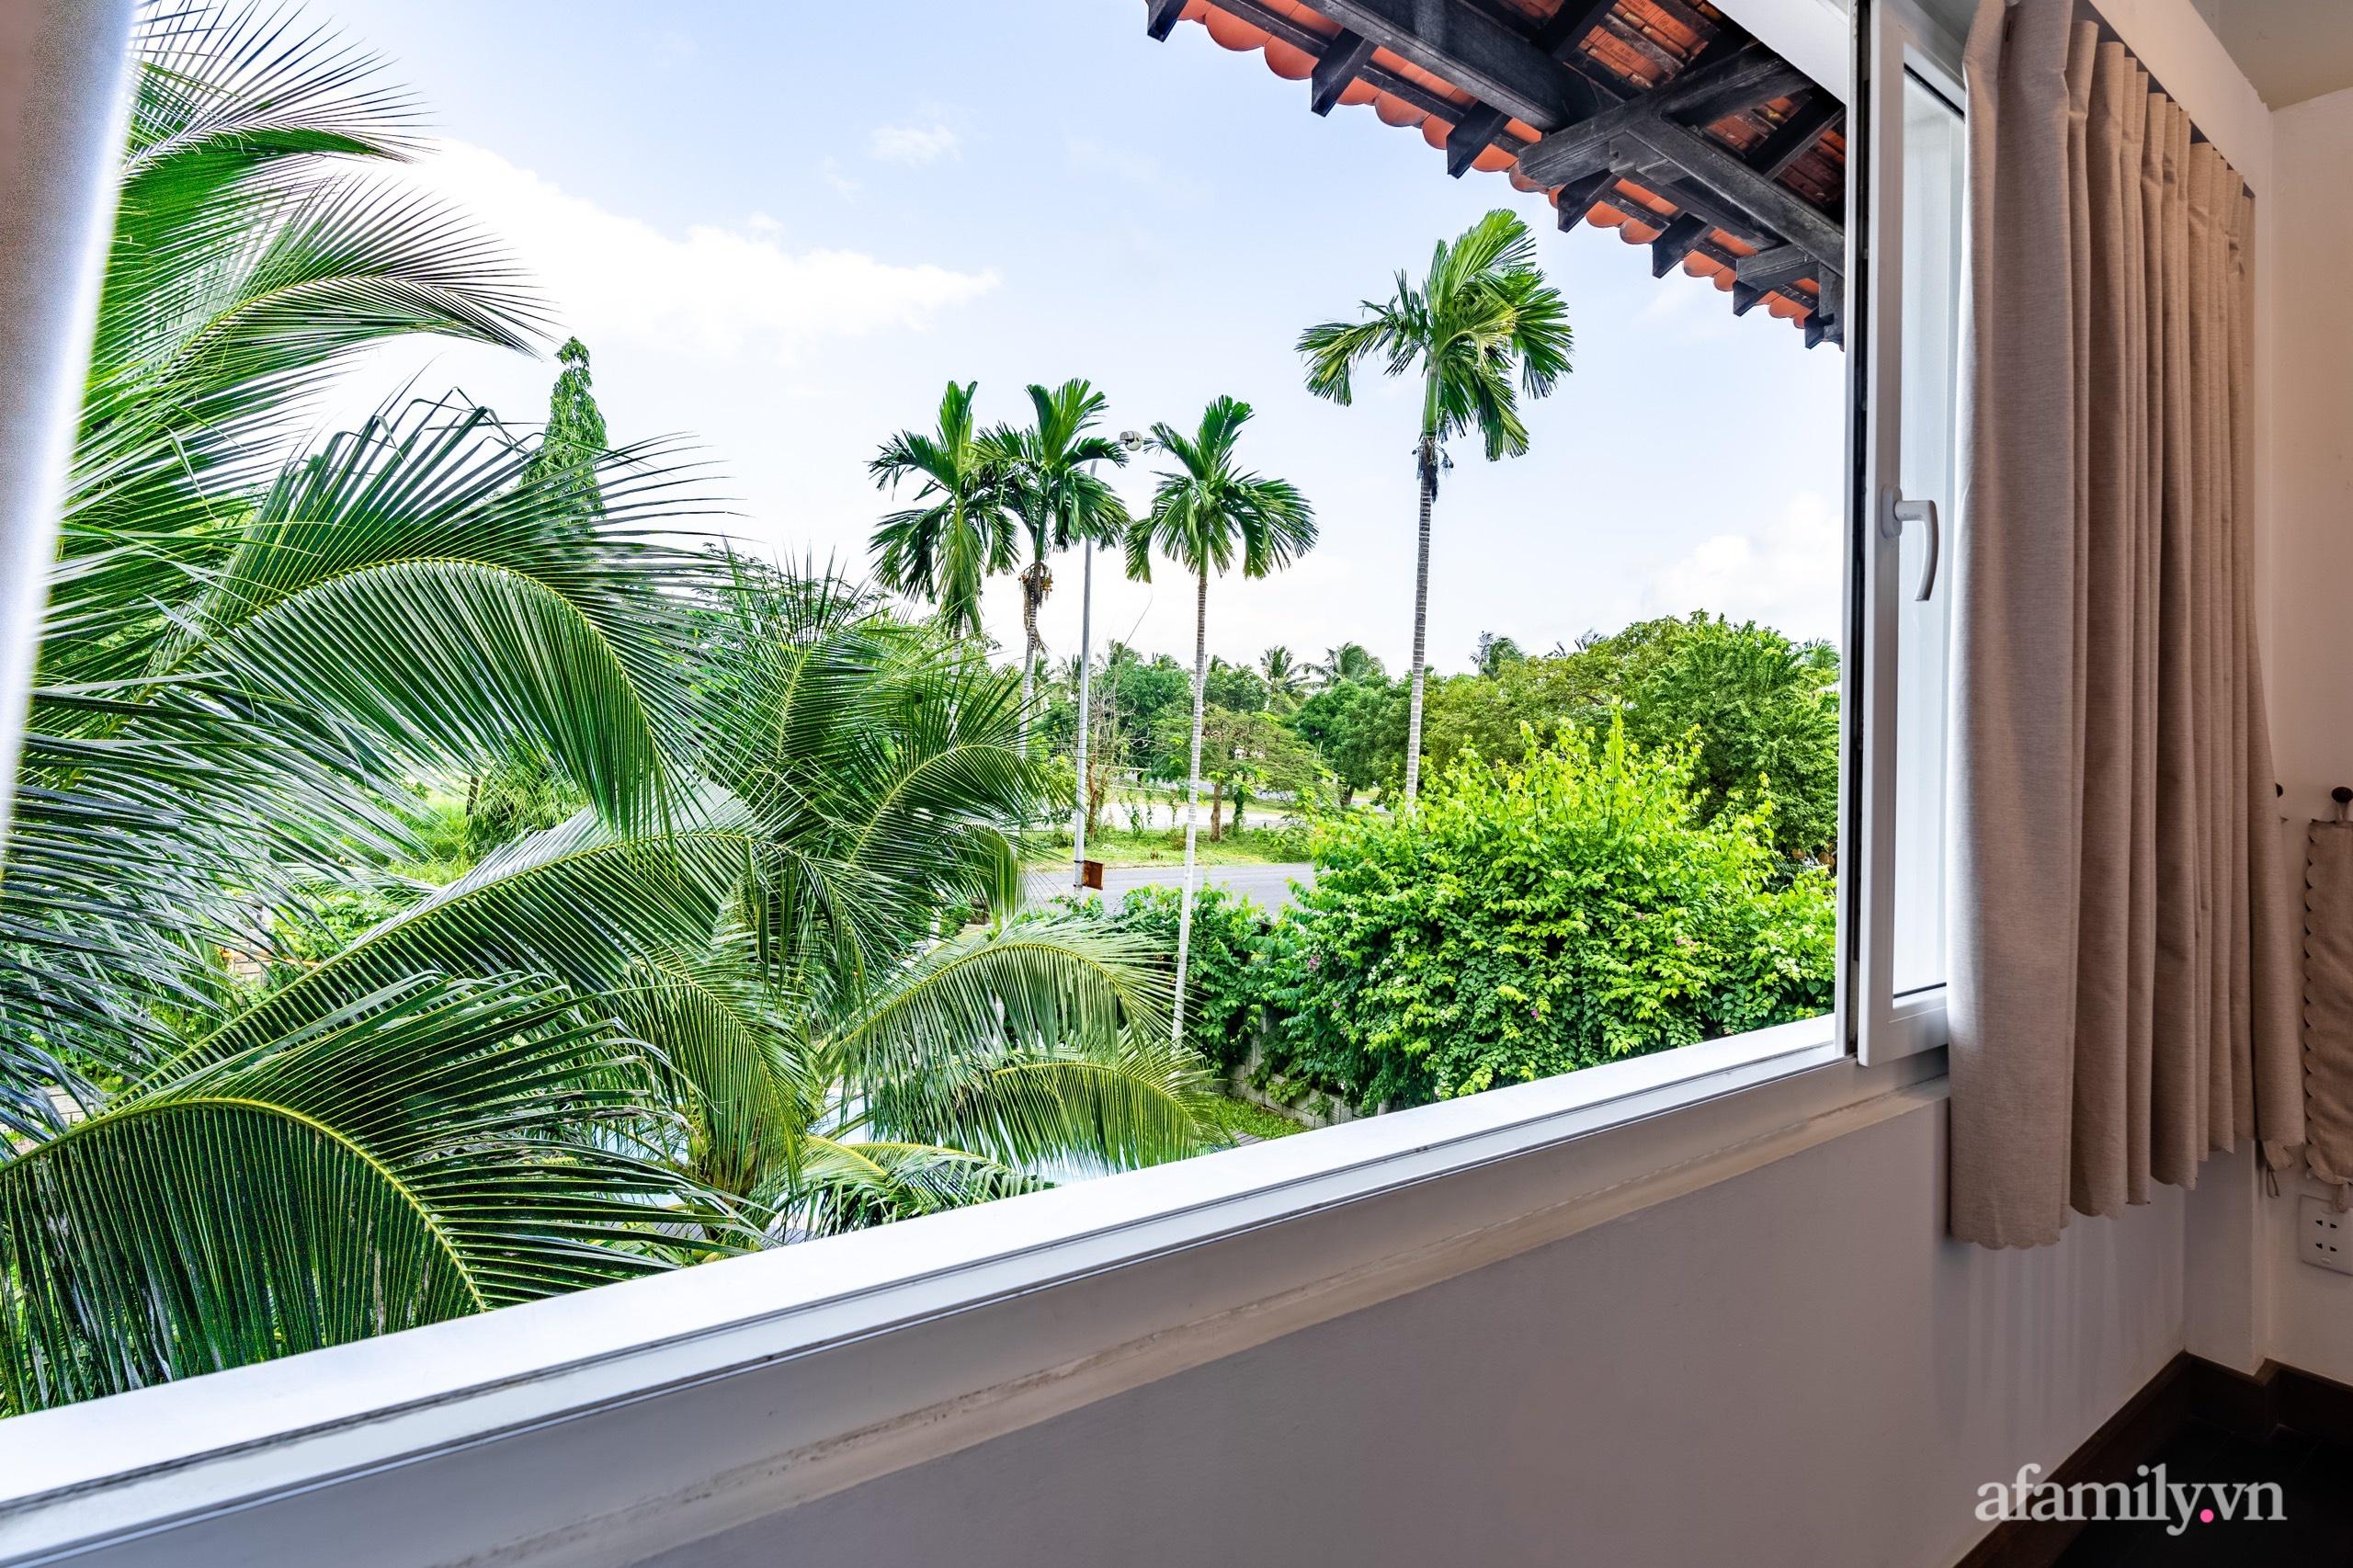 Căn nhà vườn xây 10 năm vẫn đẹp hút mắt với nội thất gỗ và cây xanh quanh nhà ở Nha Trang-25